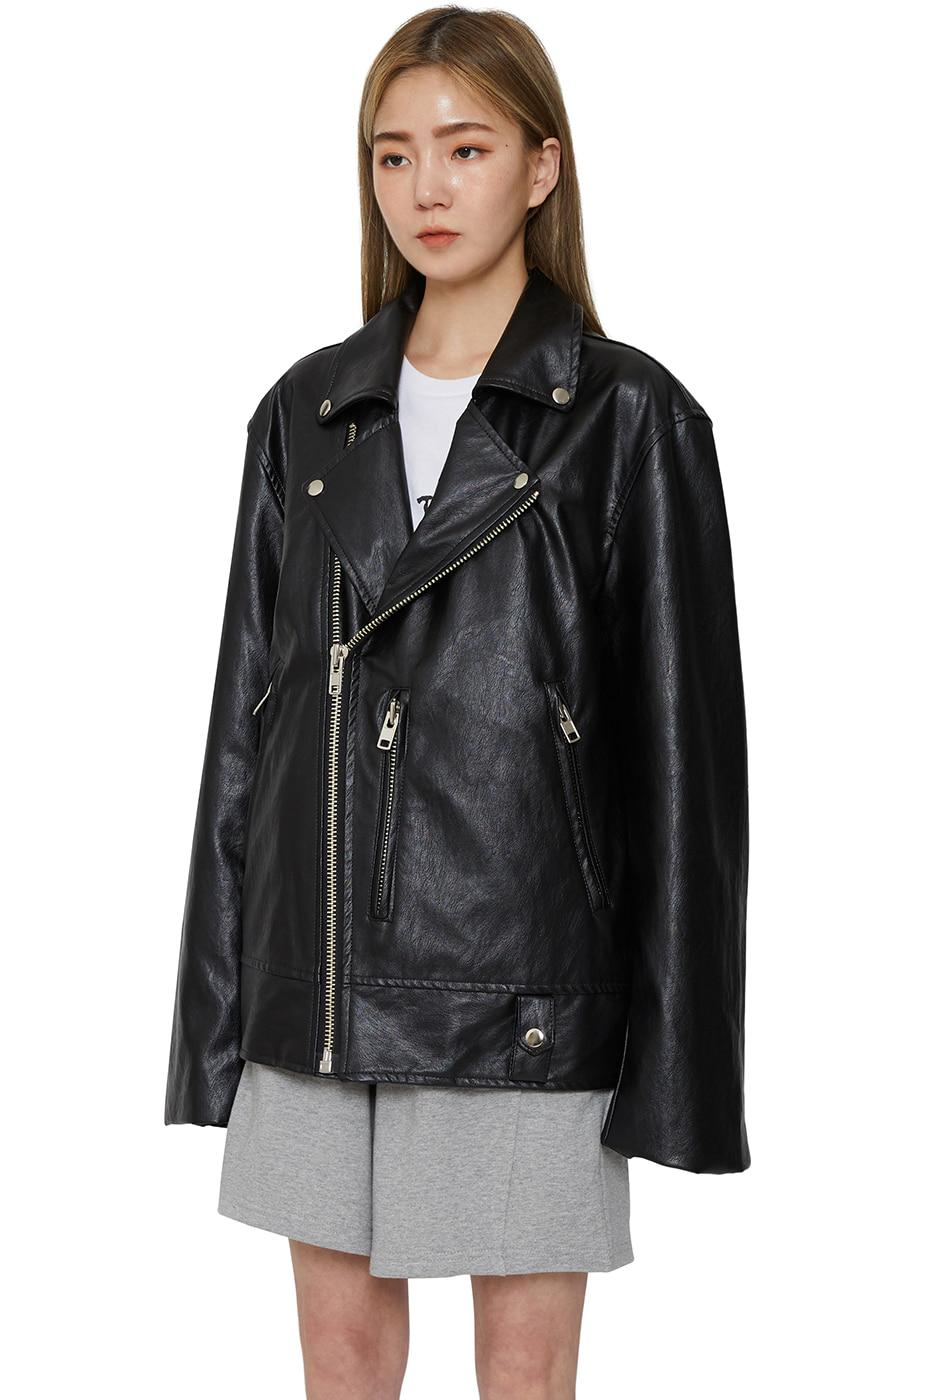 Unisex local leather jacket